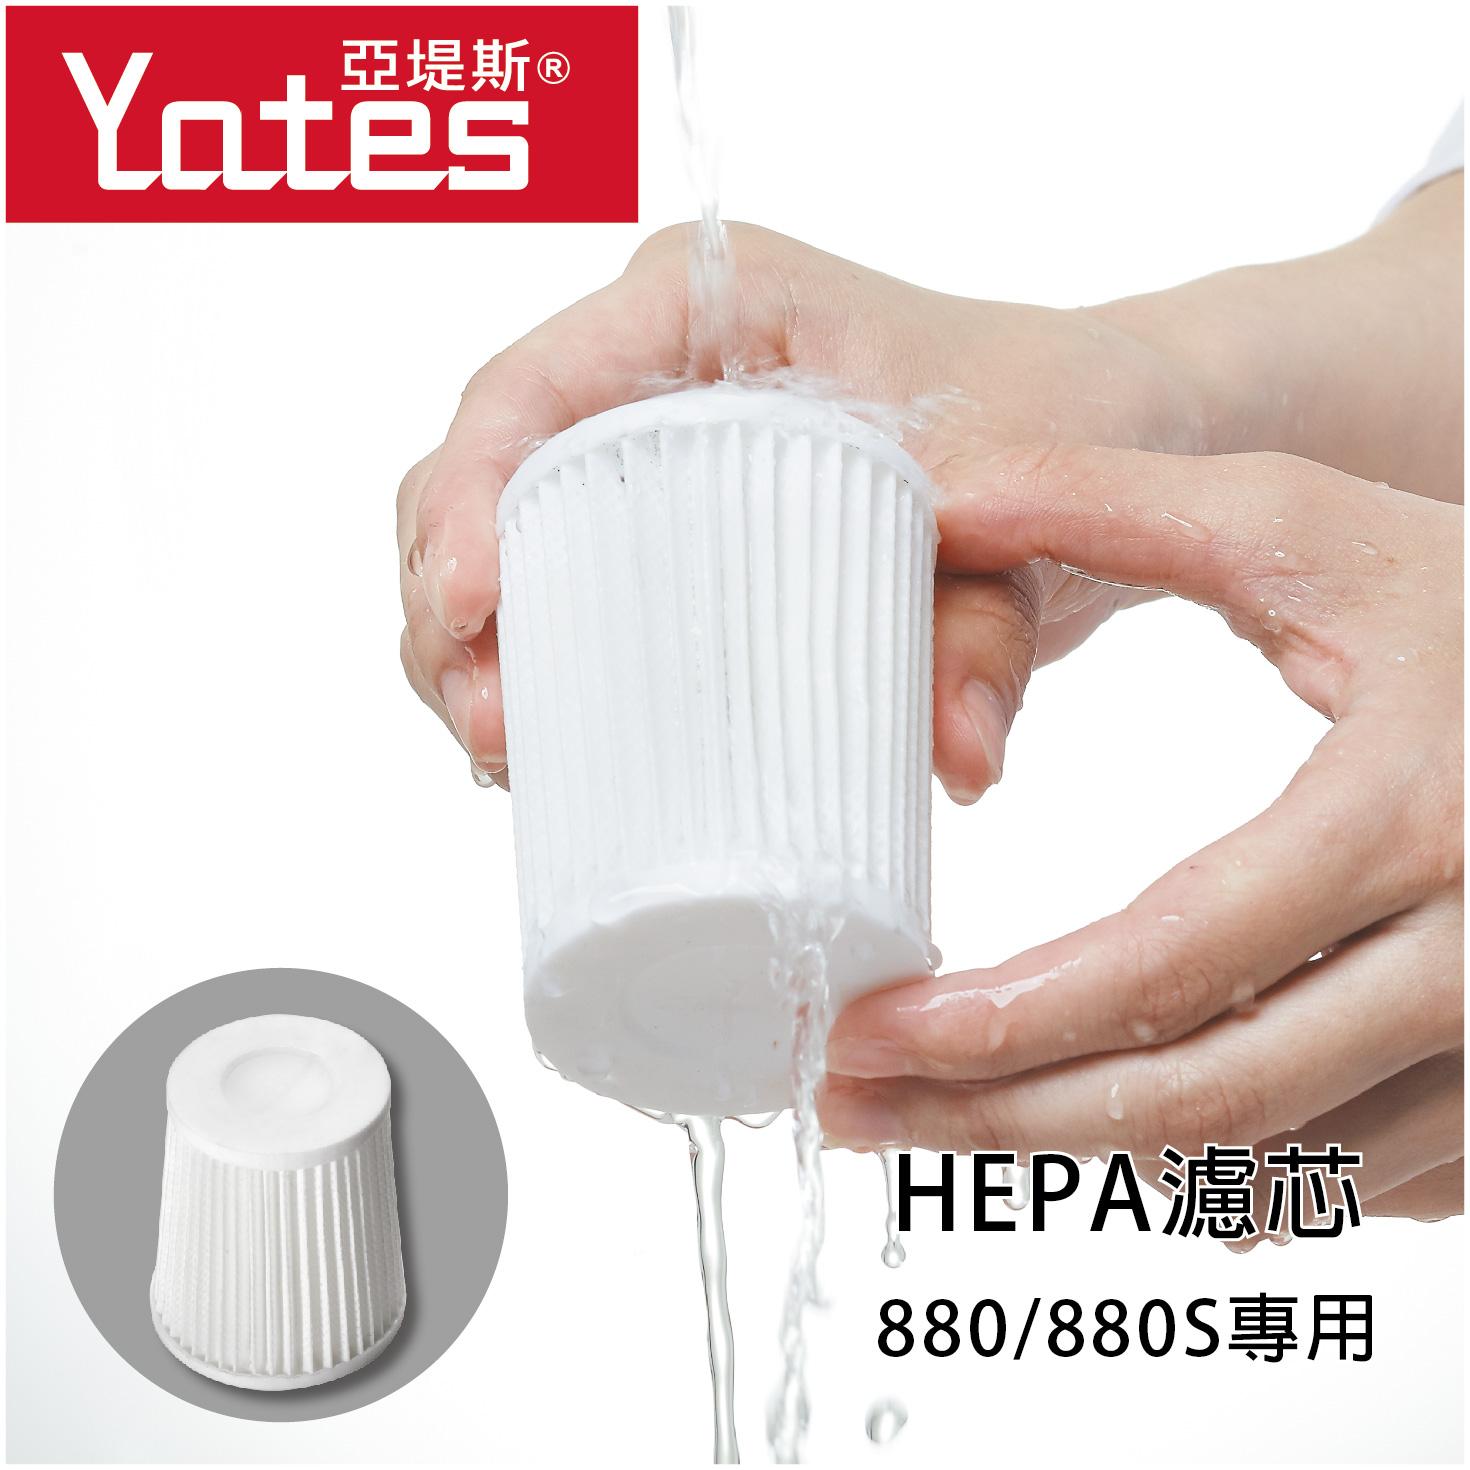 台灣品牌Yates亞堤斯MD-880系列專用HEPA濾芯(1組入)